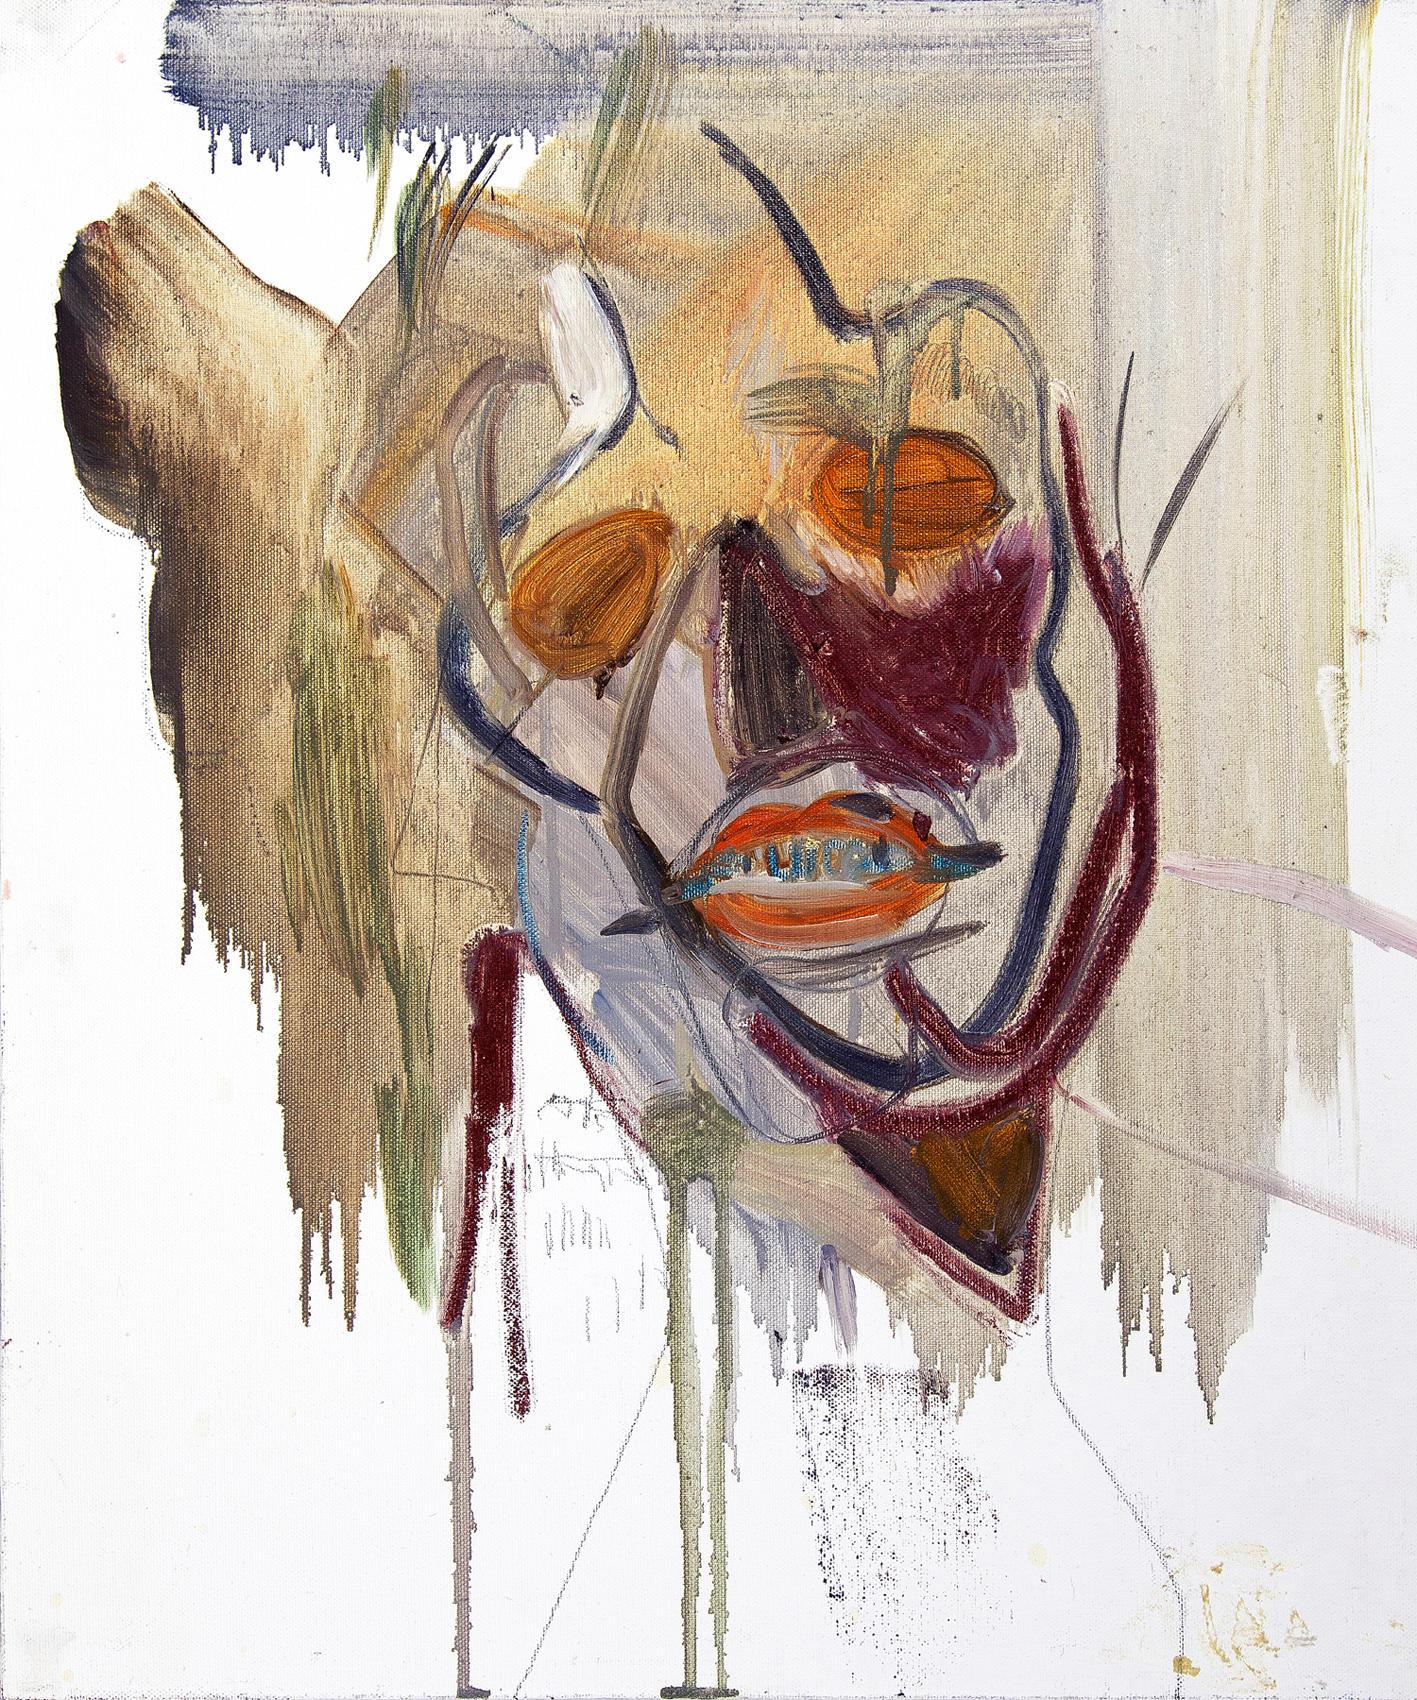 무제 / Untitiled, 53 x 45.5cm, 캔버스에 오일파스텔과 유채 / Oil and Oil Pastel on Canvas, 2011